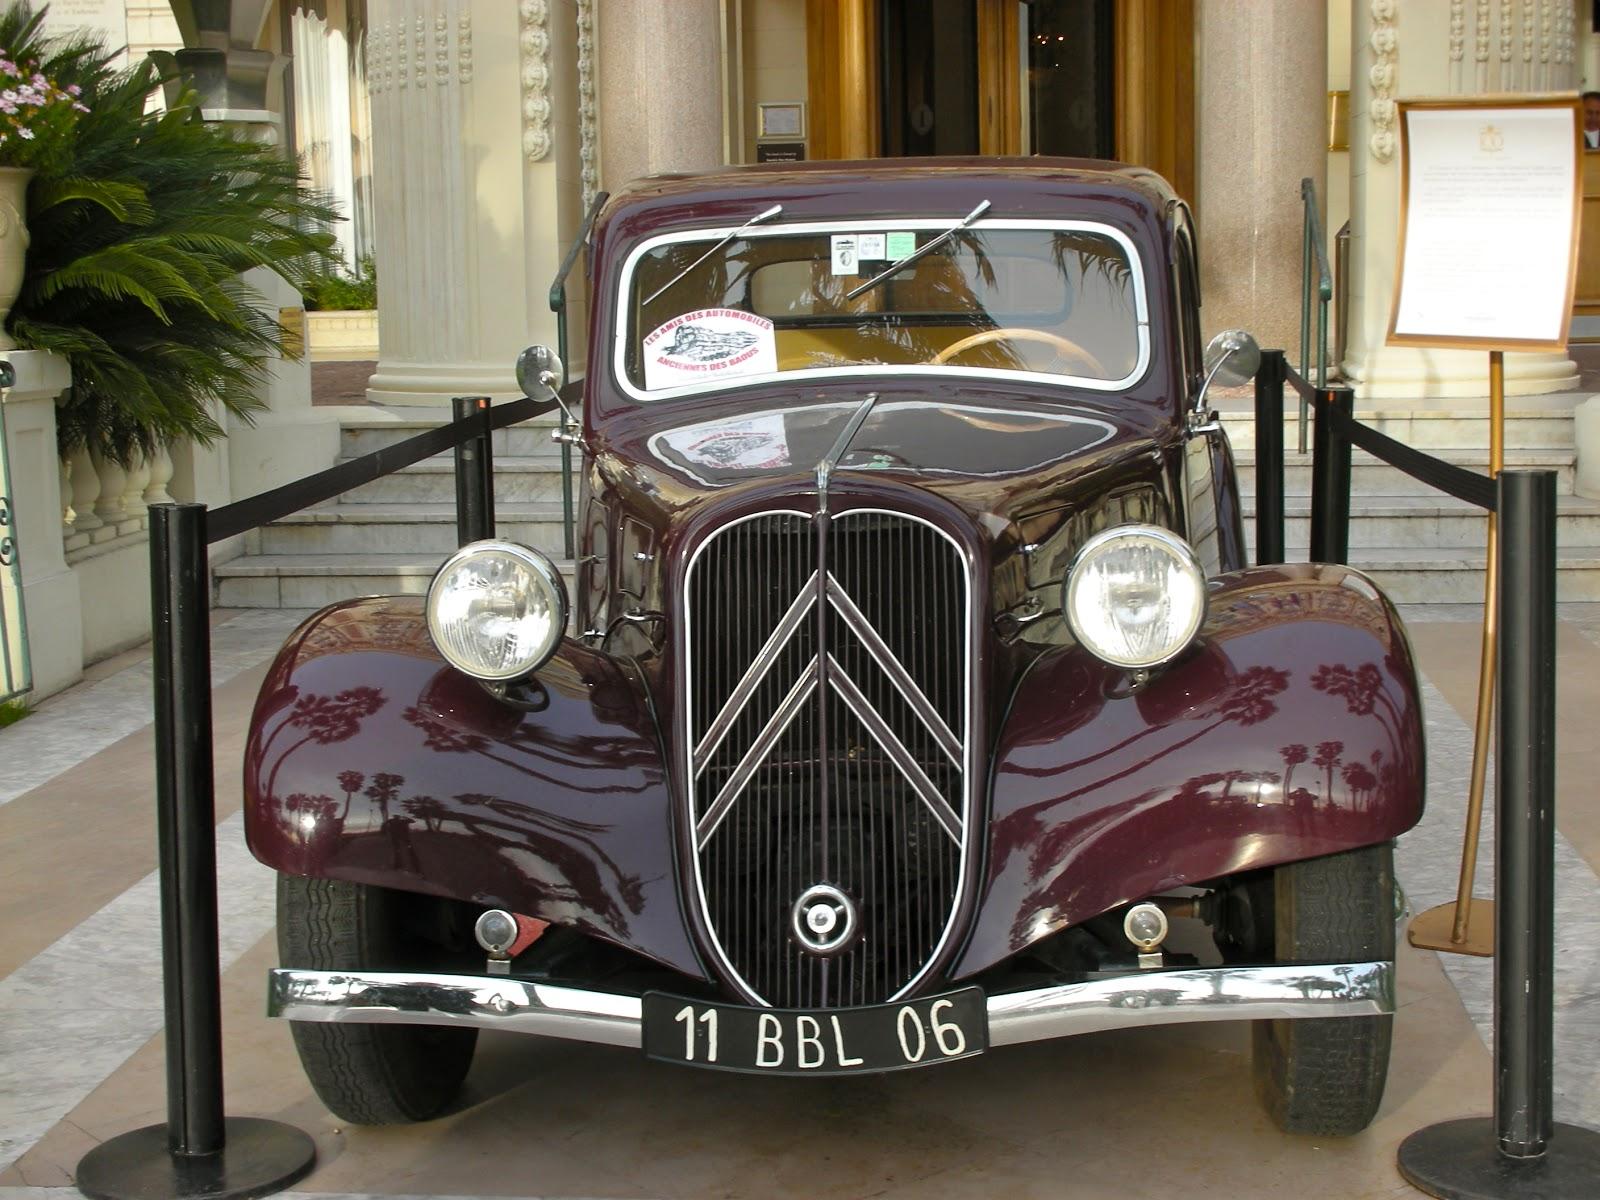 La c te d 39 azur les vieilles voitures - Vieille voiture decapotable ...